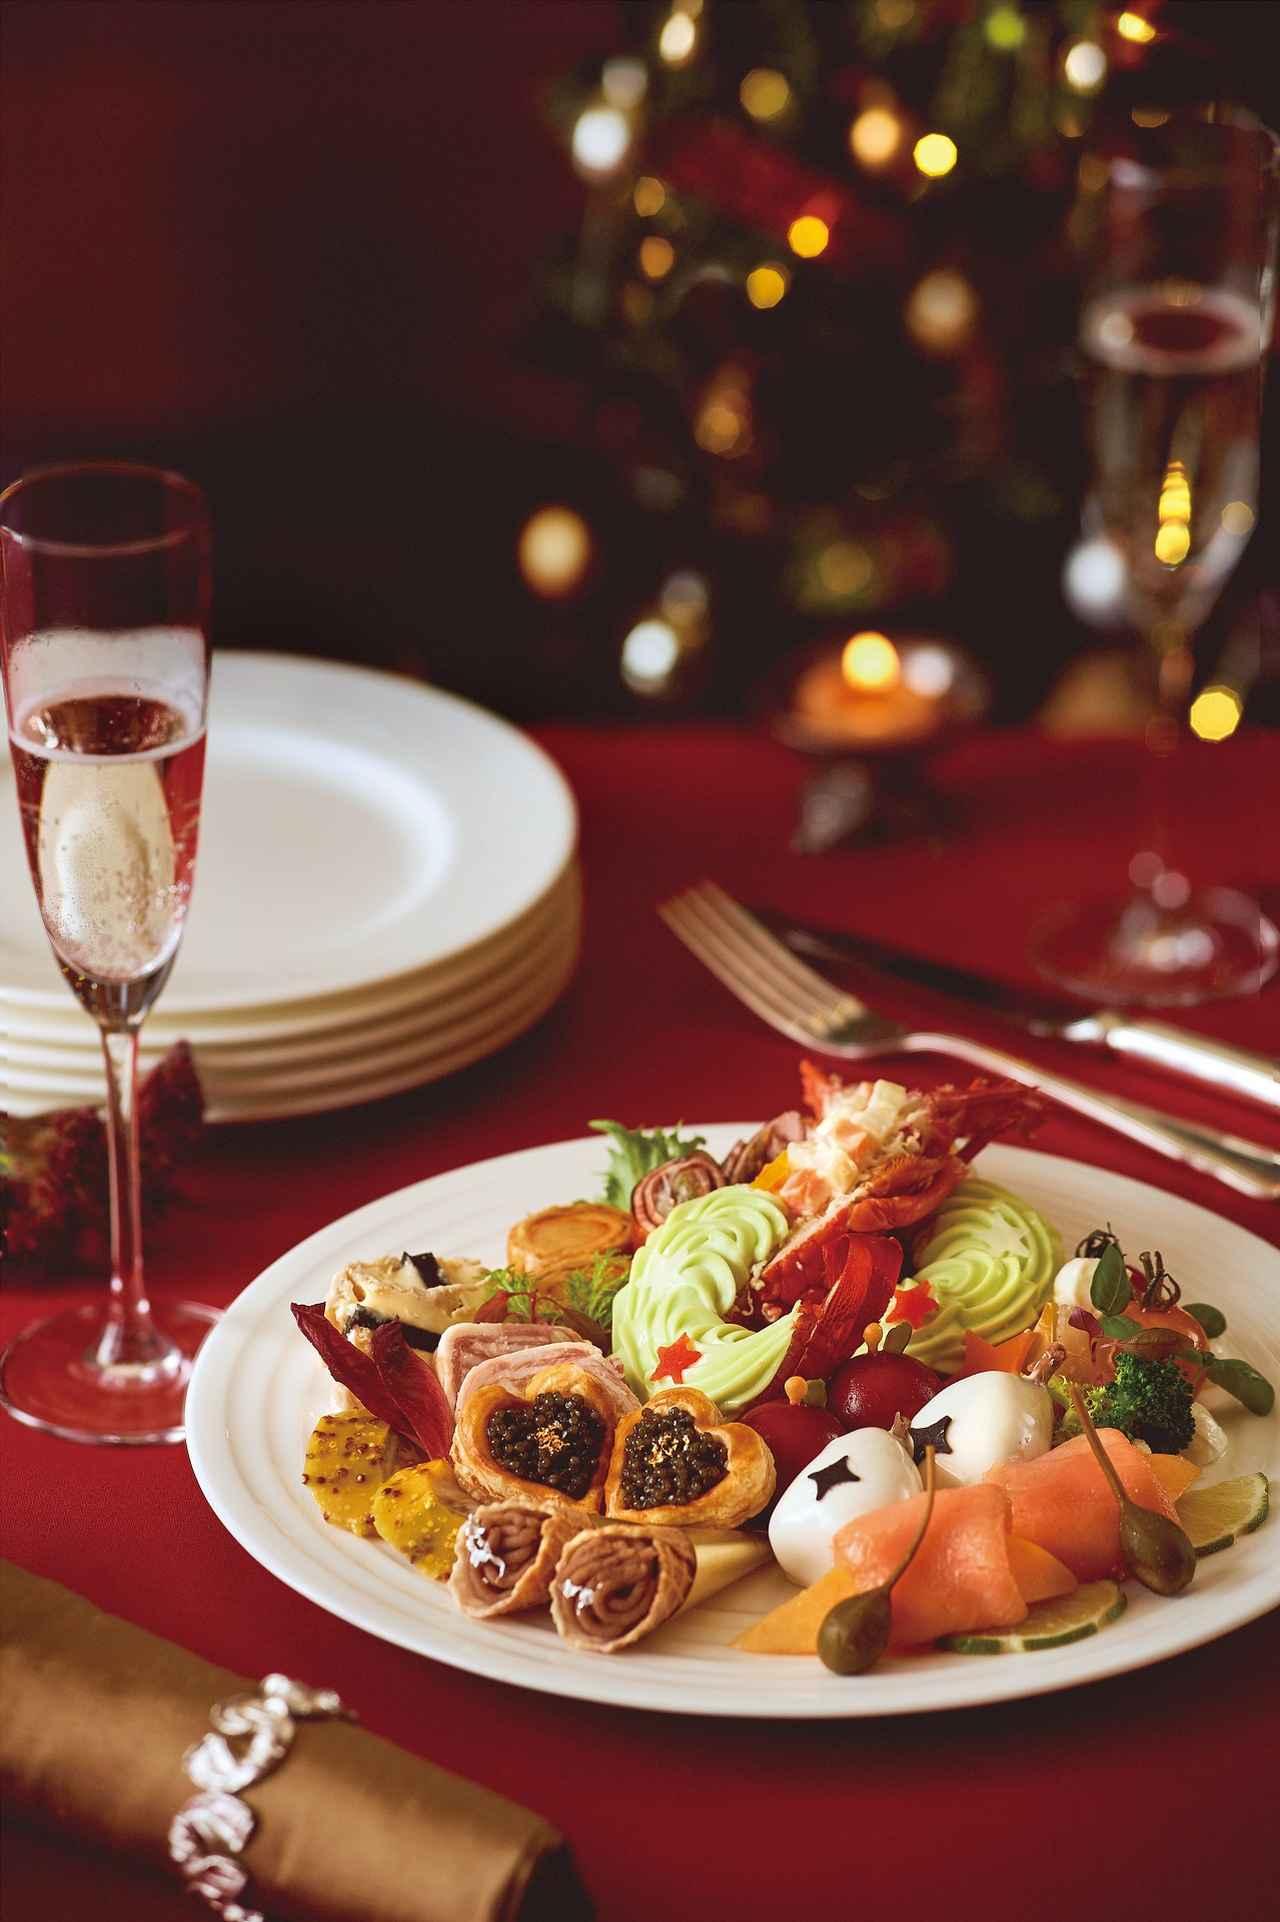 画像1: クリスマスオードブル・ディナーセット ※要予約